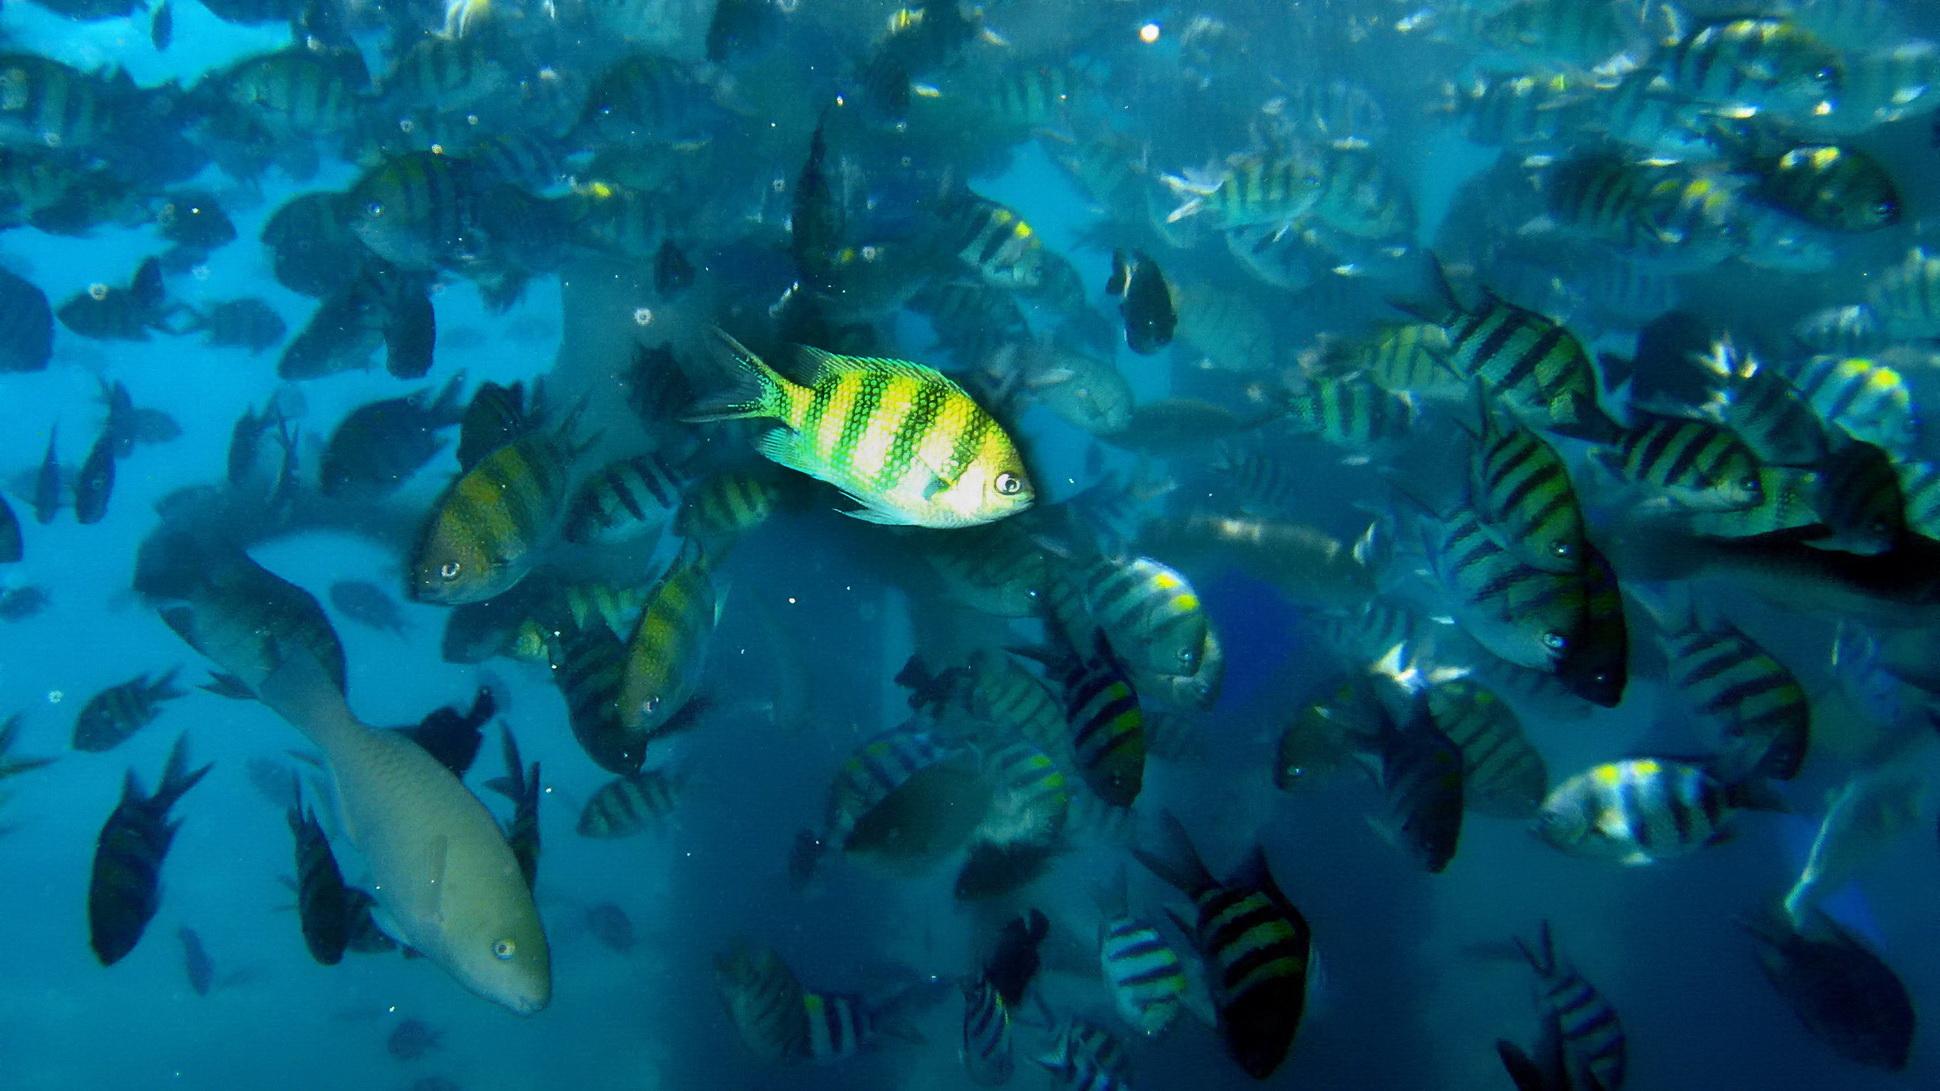 壁纸 海底 海底世界 海洋馆 水族馆 桌面 1940_1091